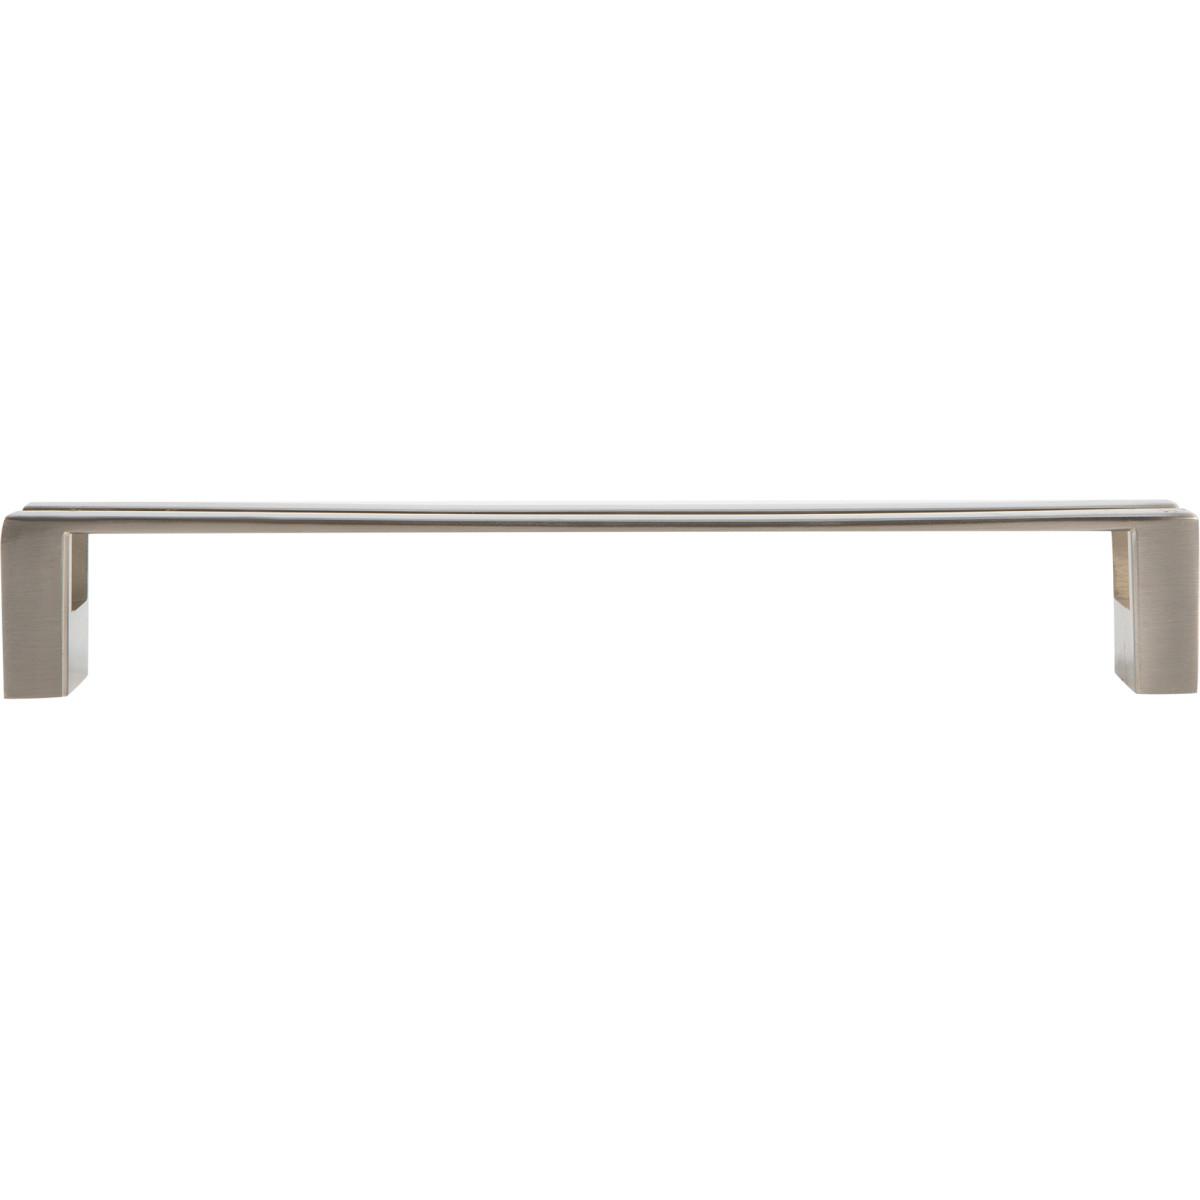 Ручка-Скоба Jet 145 160 Металл Цвет Никель